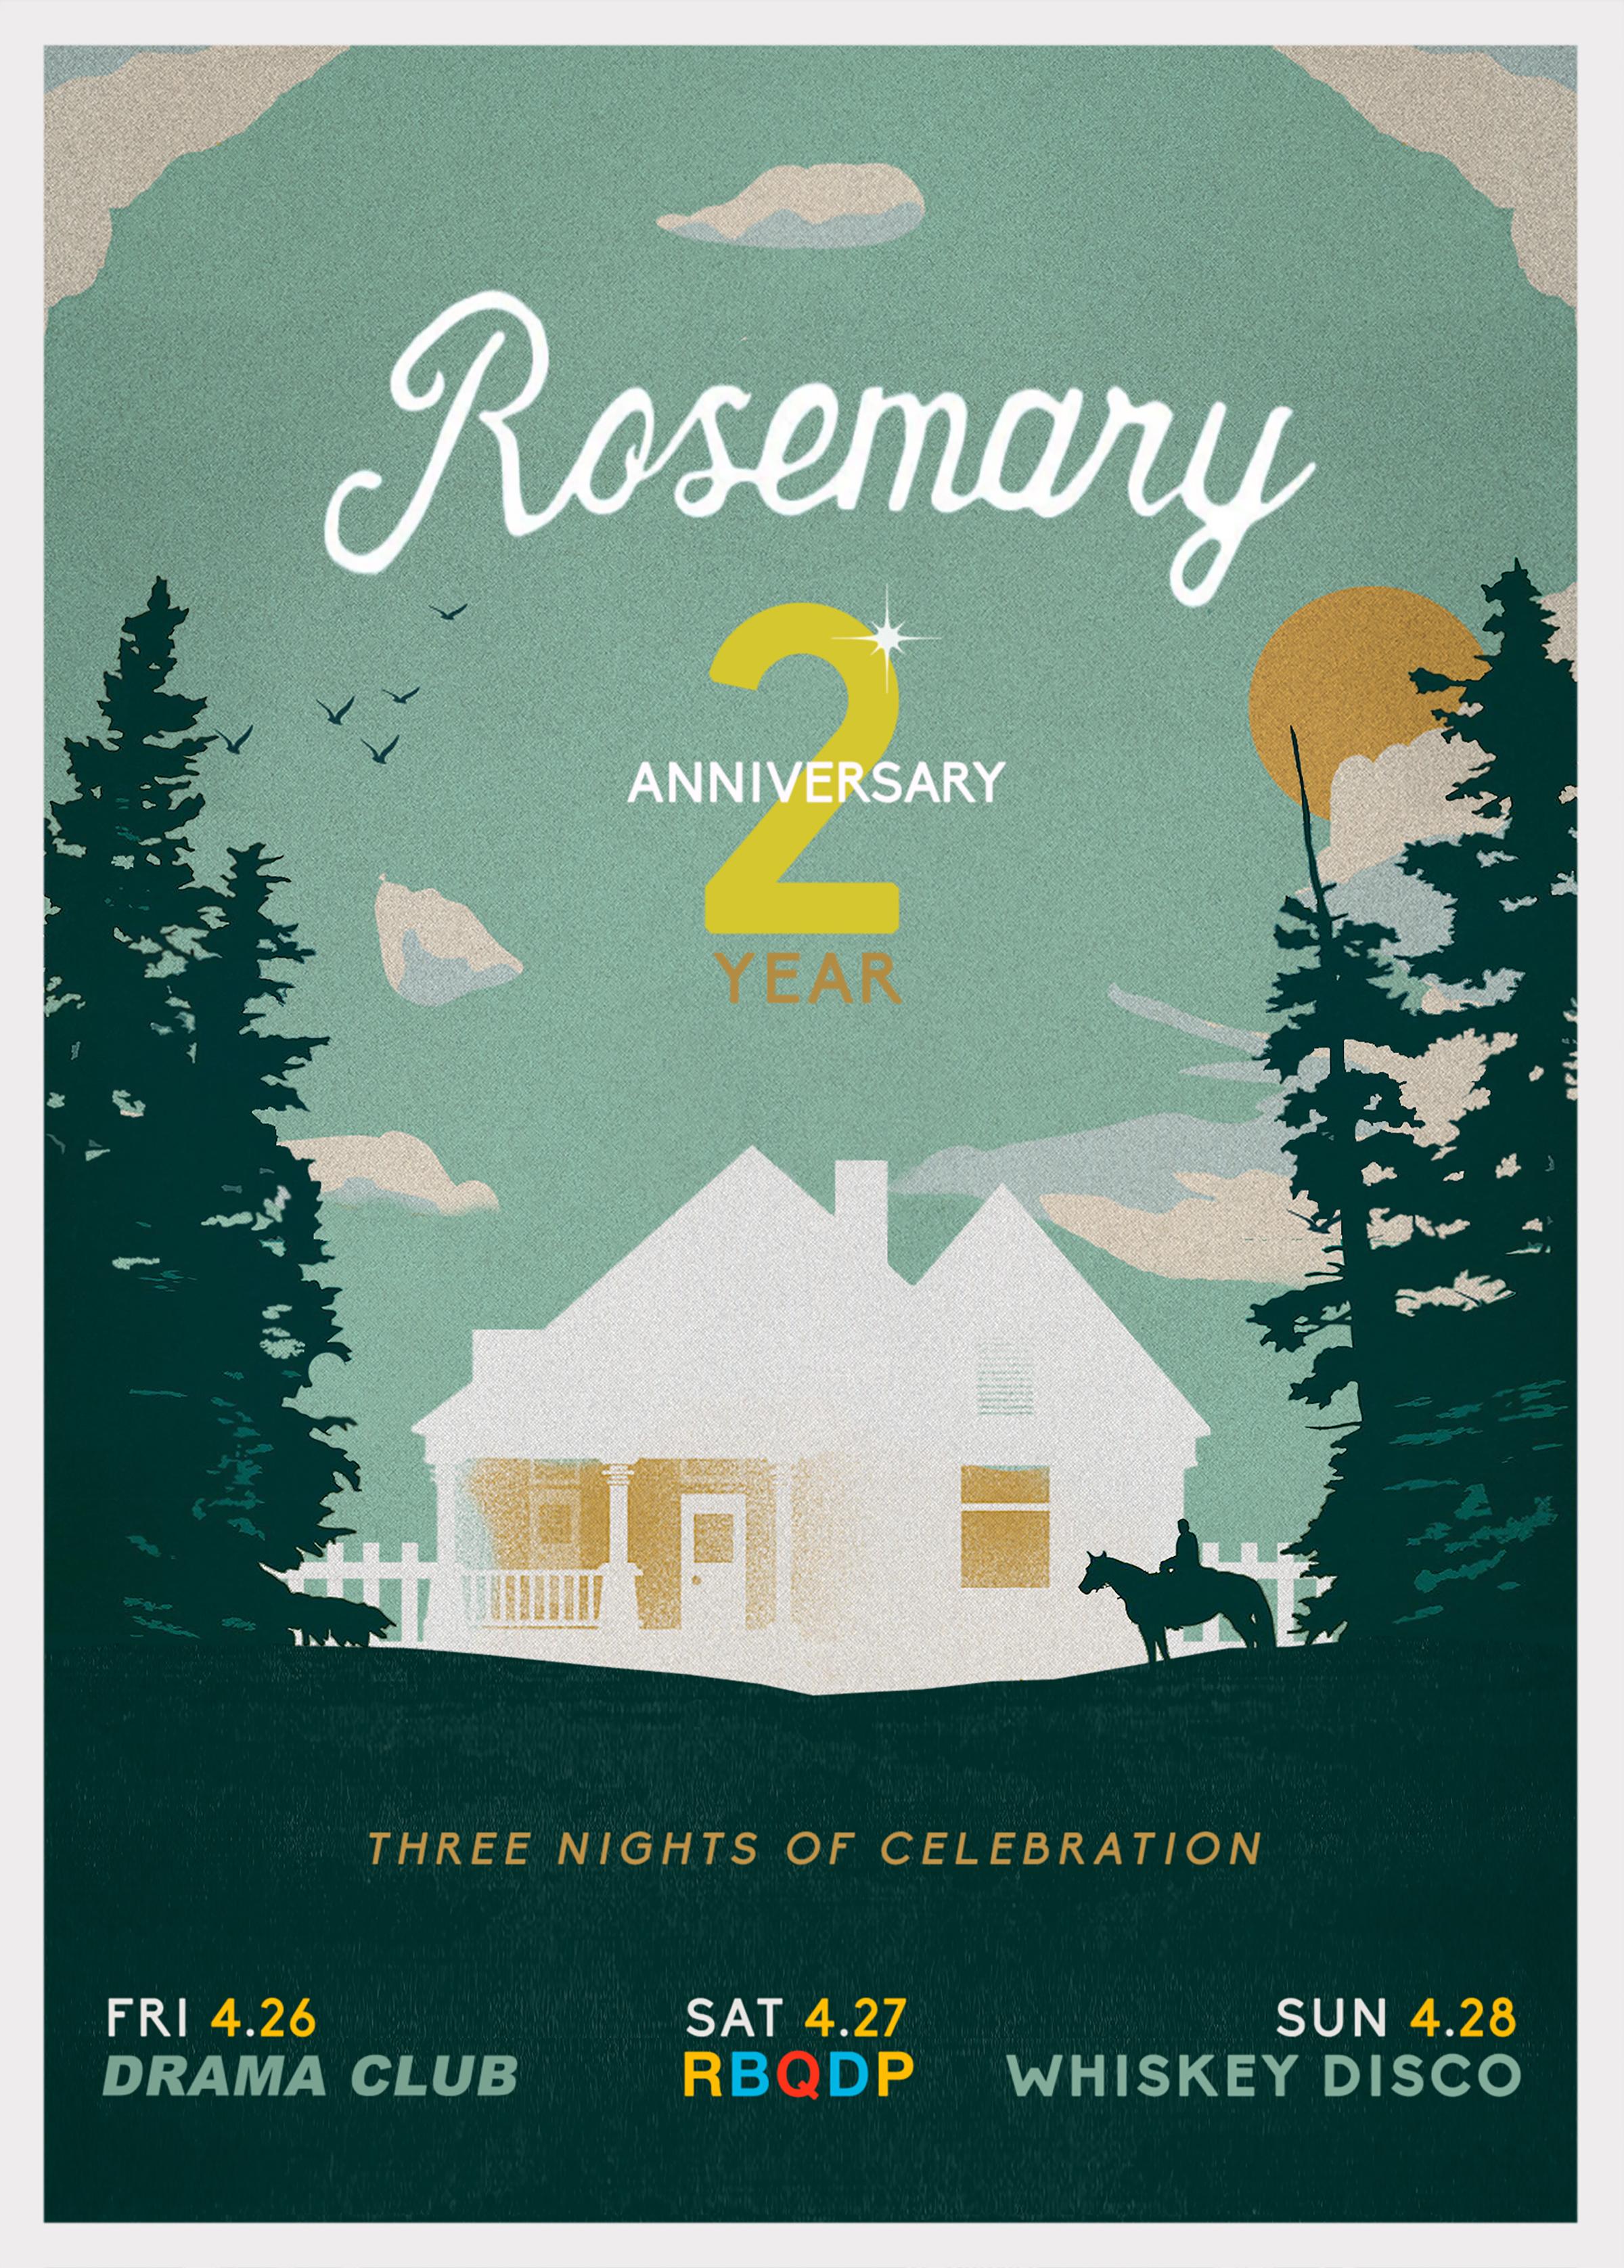 Rosemary 2YR Poster Small.jpg